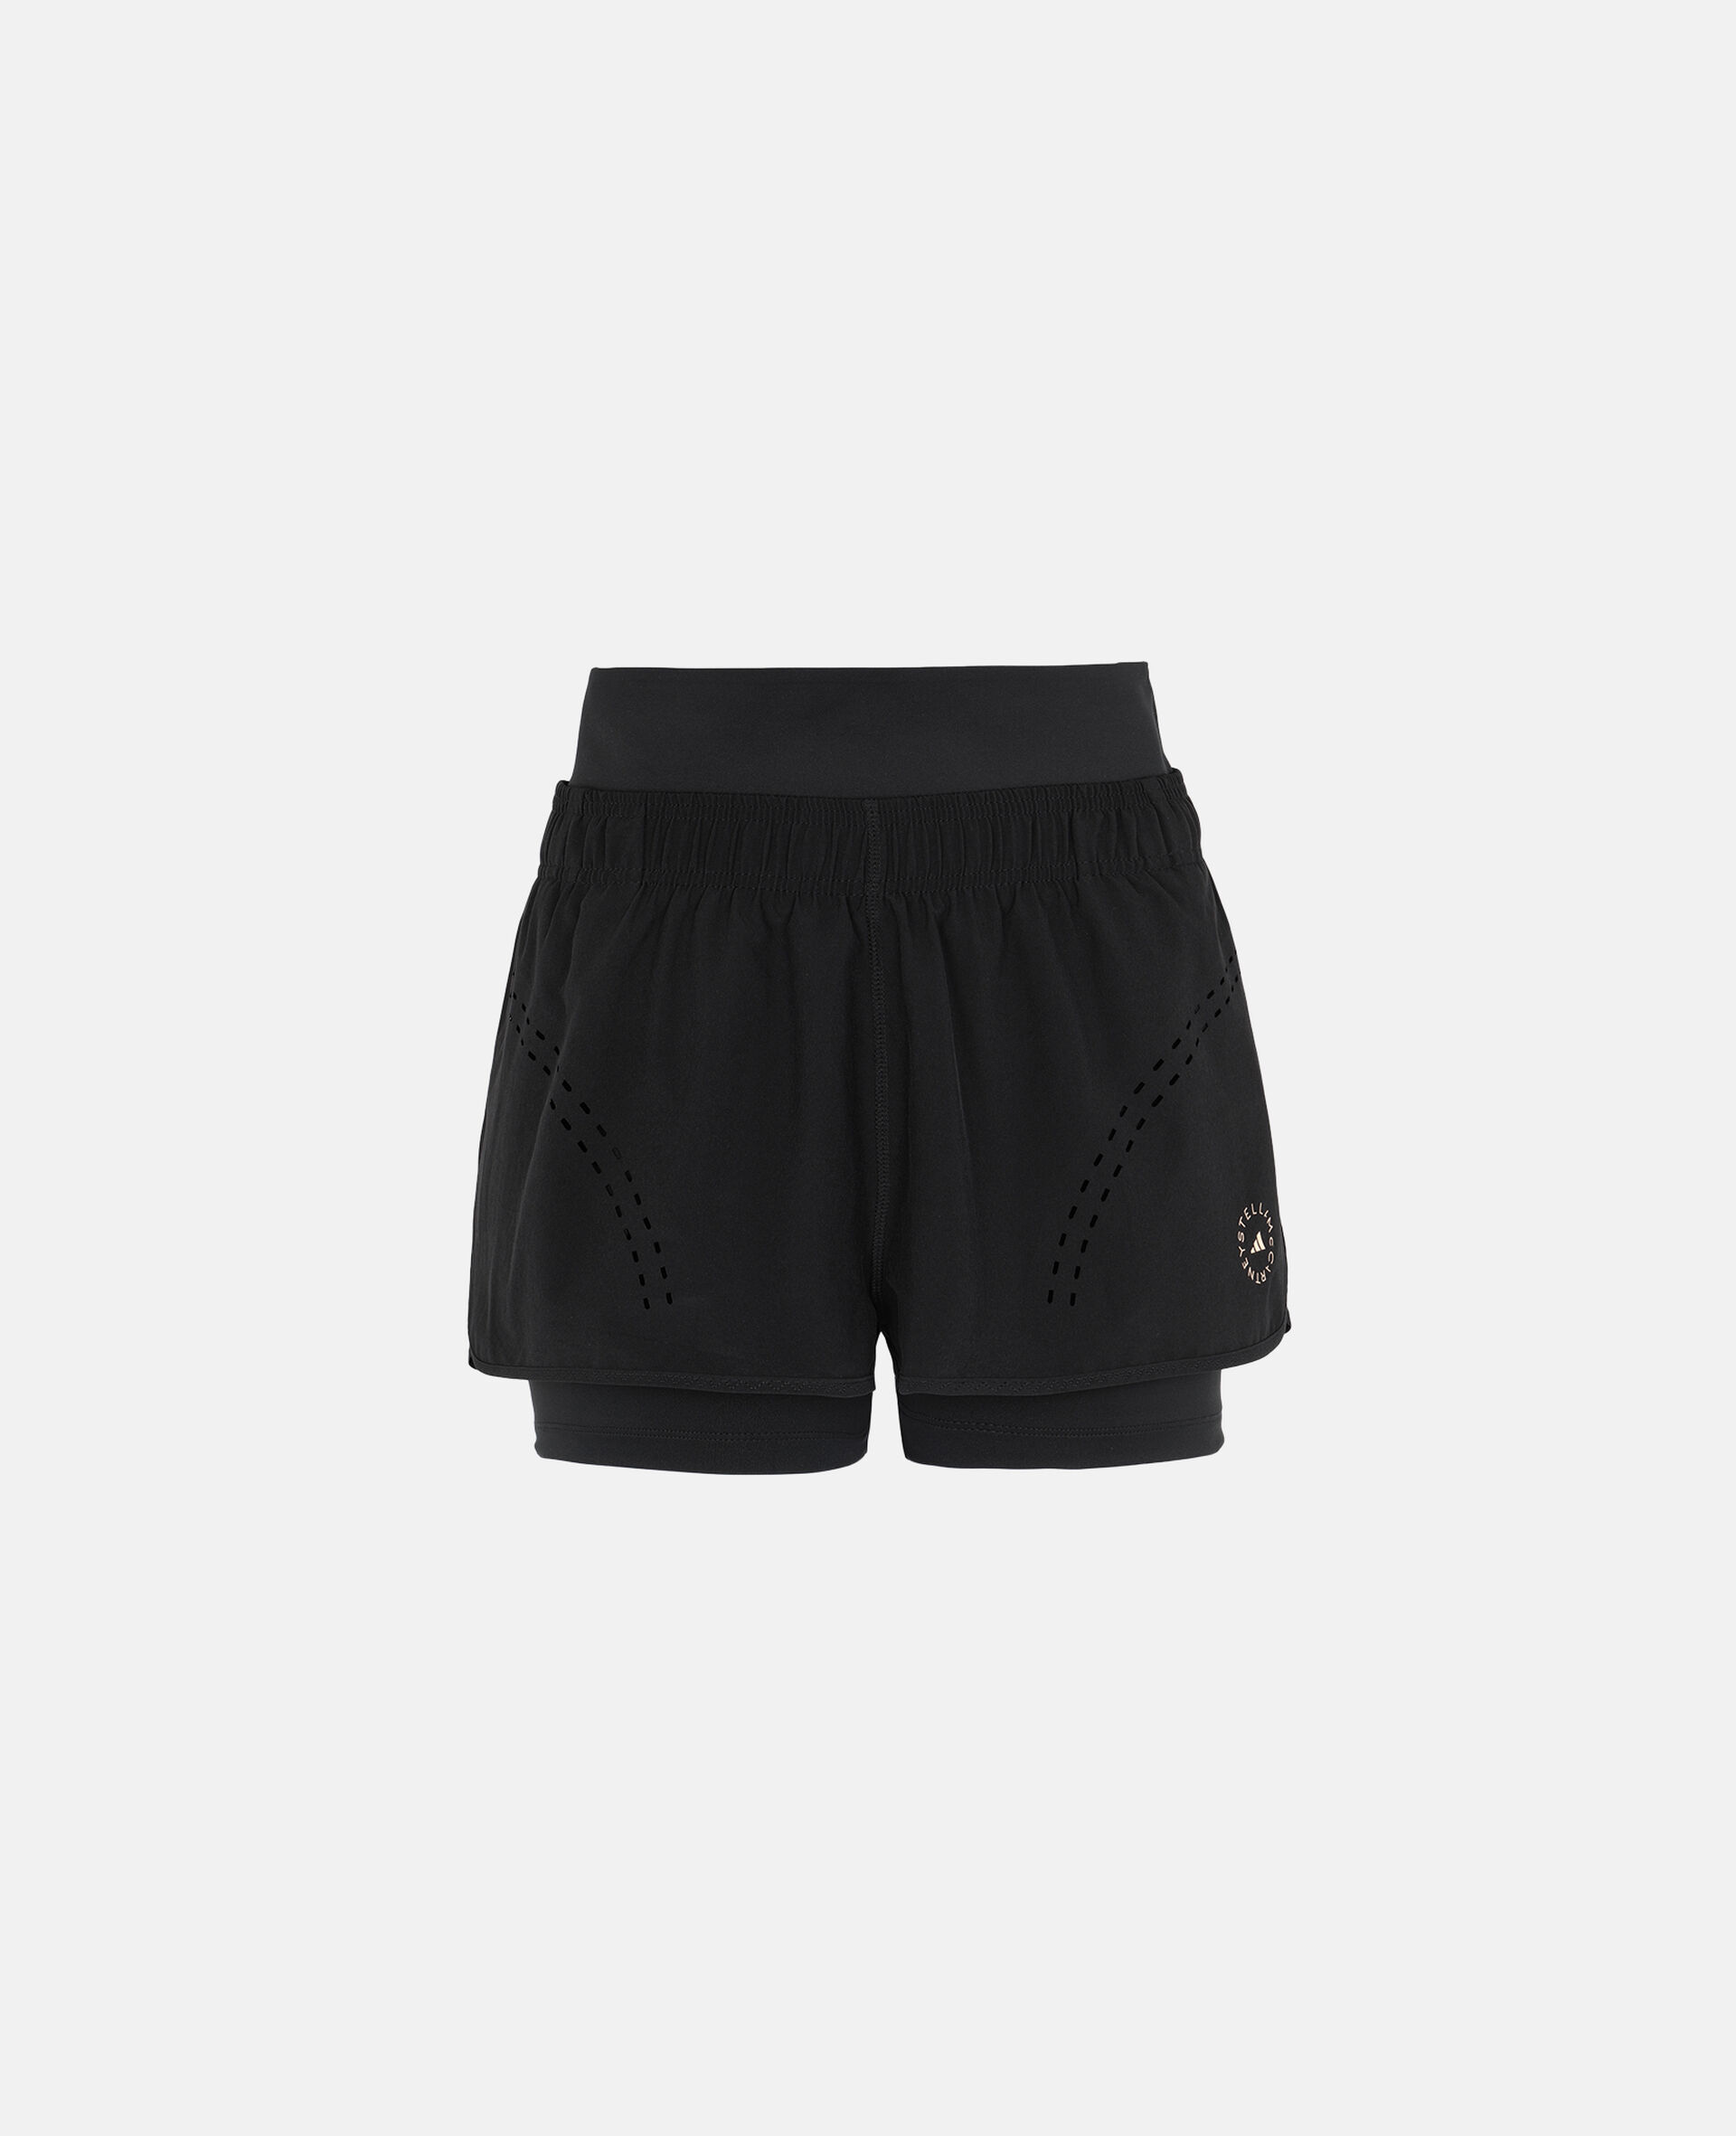 黑色 TruePurpose Training 短裤-黑色-large image number 4